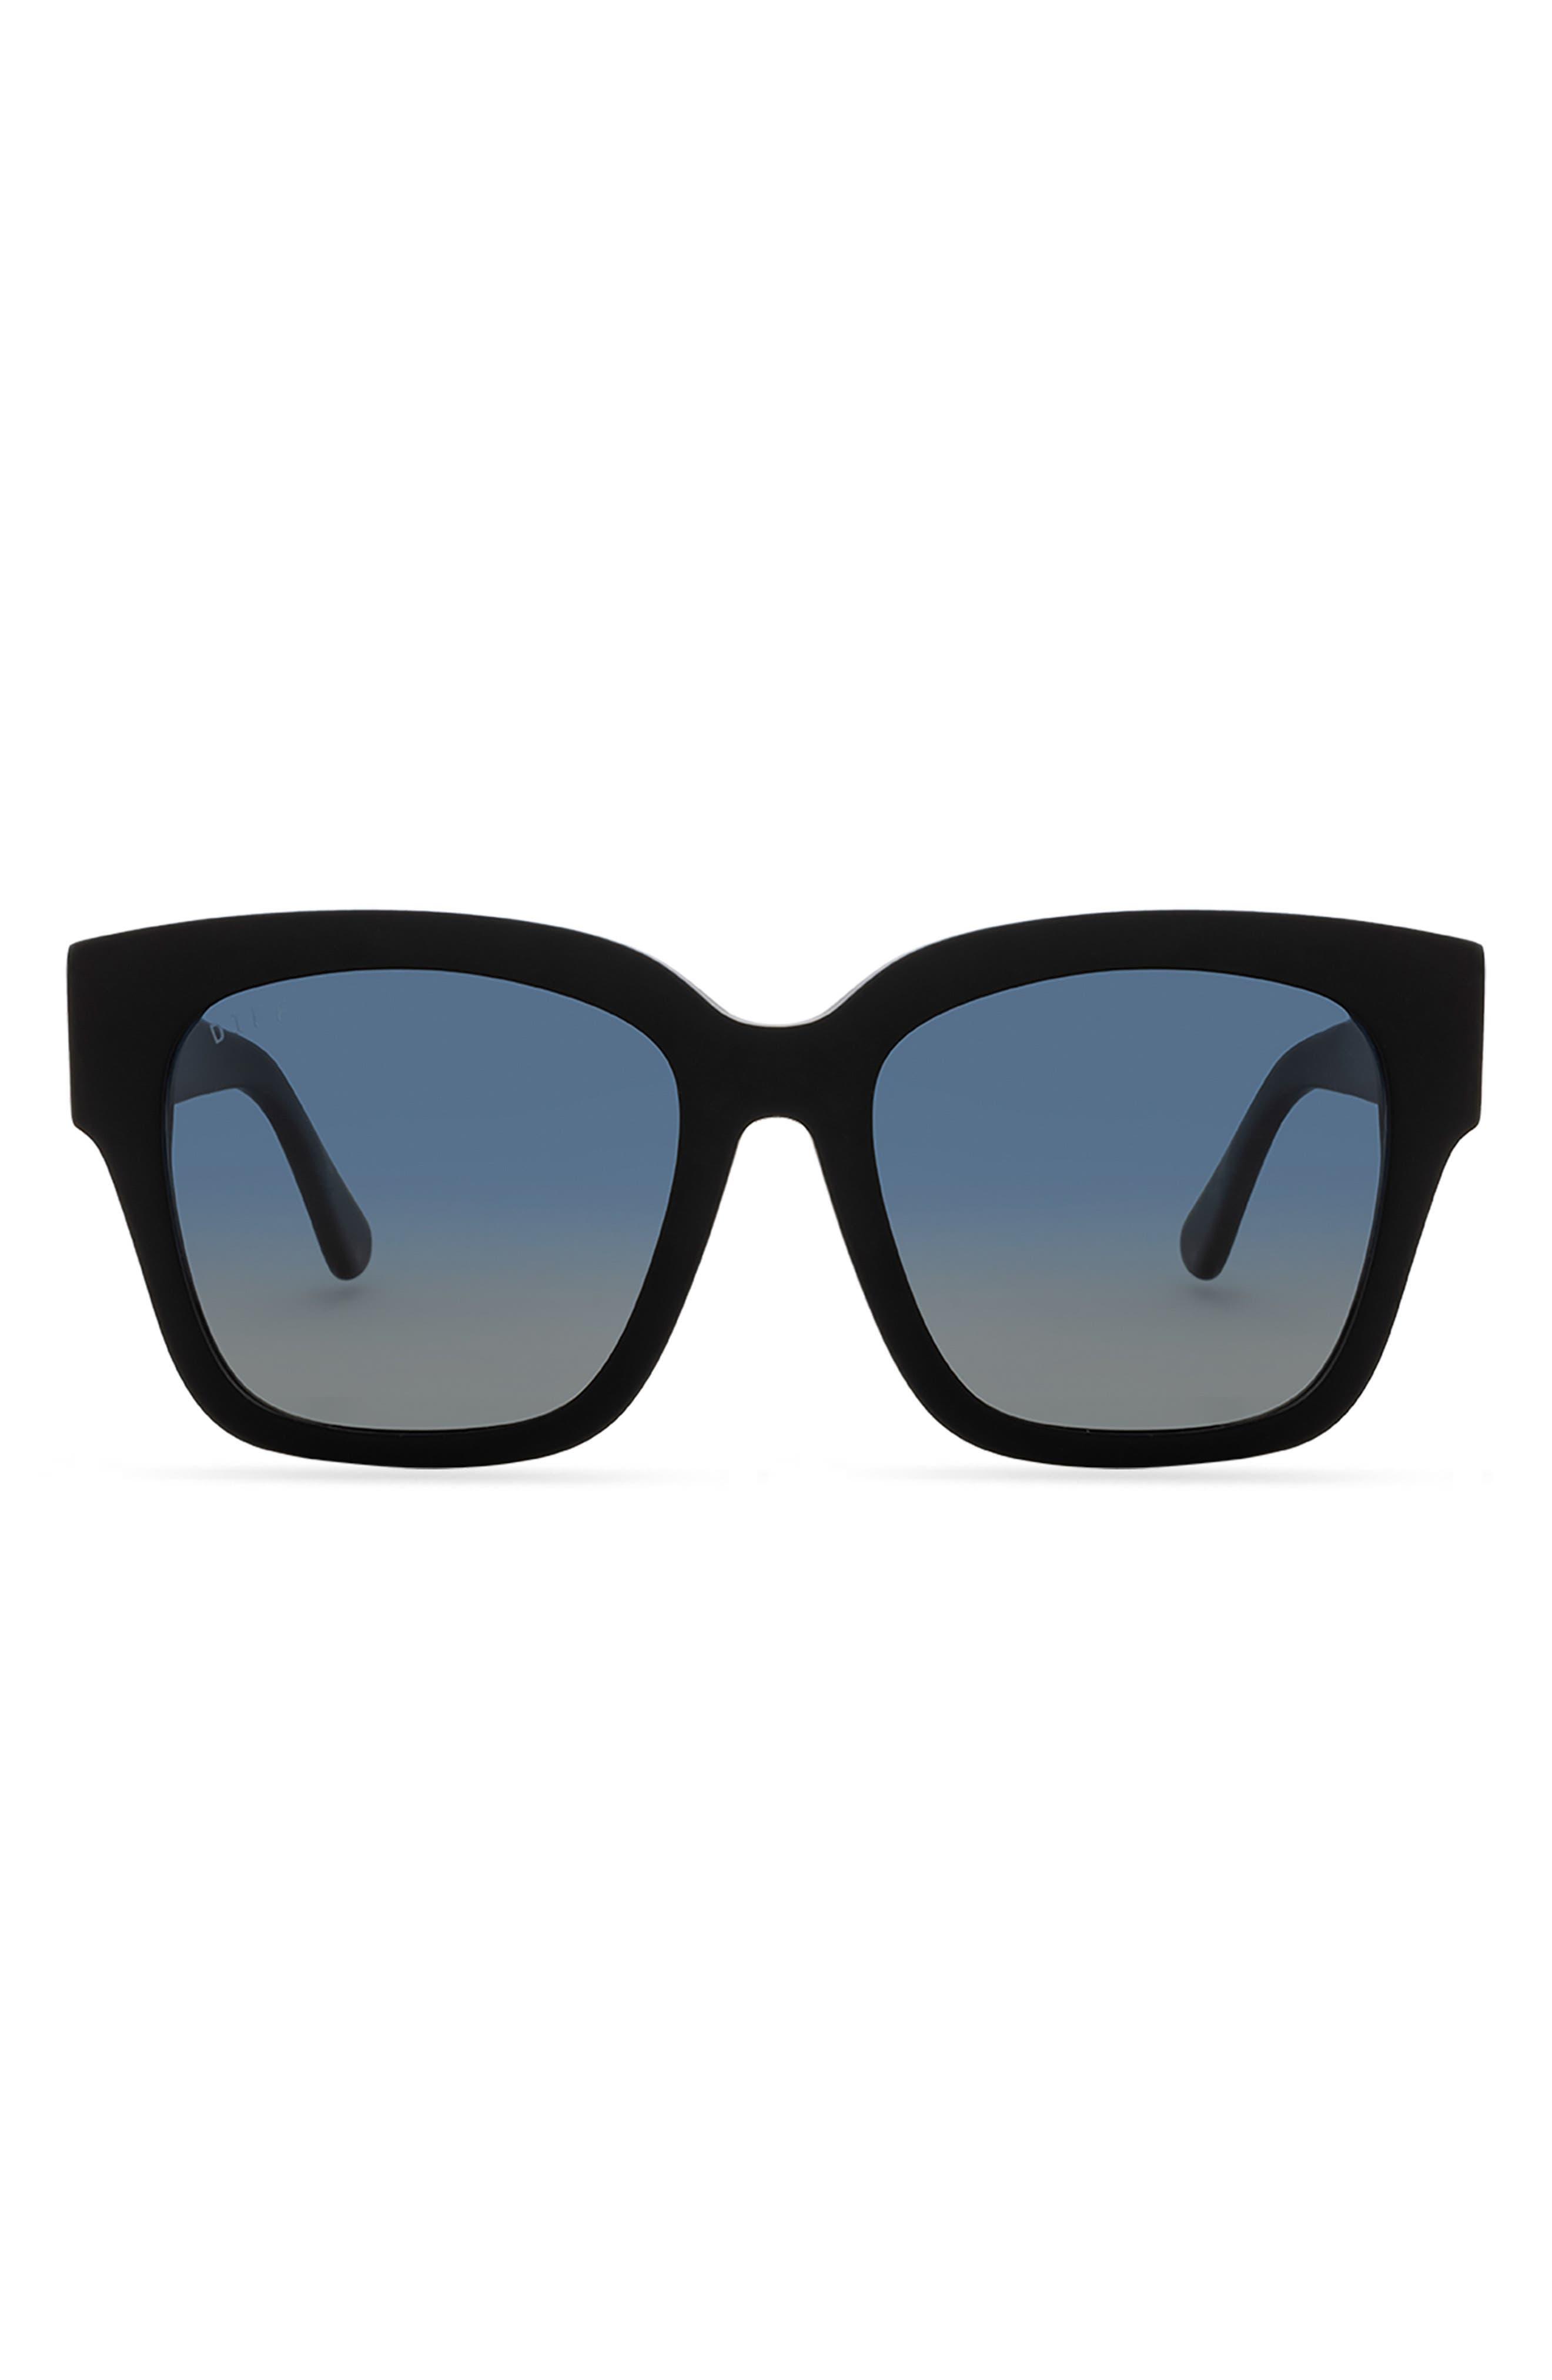 Bella Ii Square Sunglasses